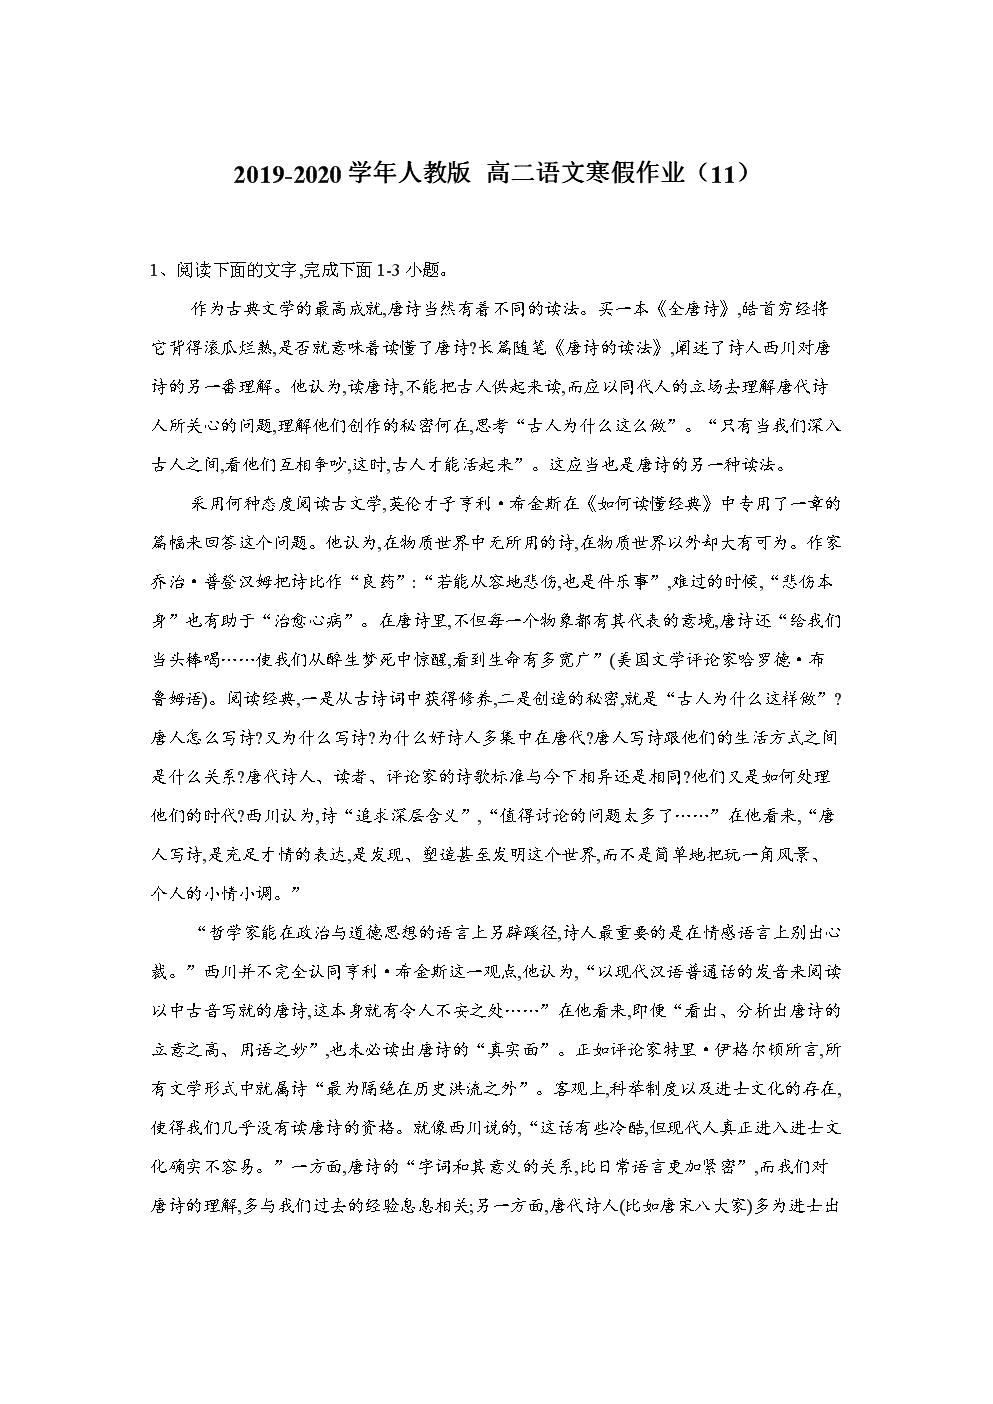 2019-2020学年人教版 高二语文寒假作业(11) Word版含答案.doc